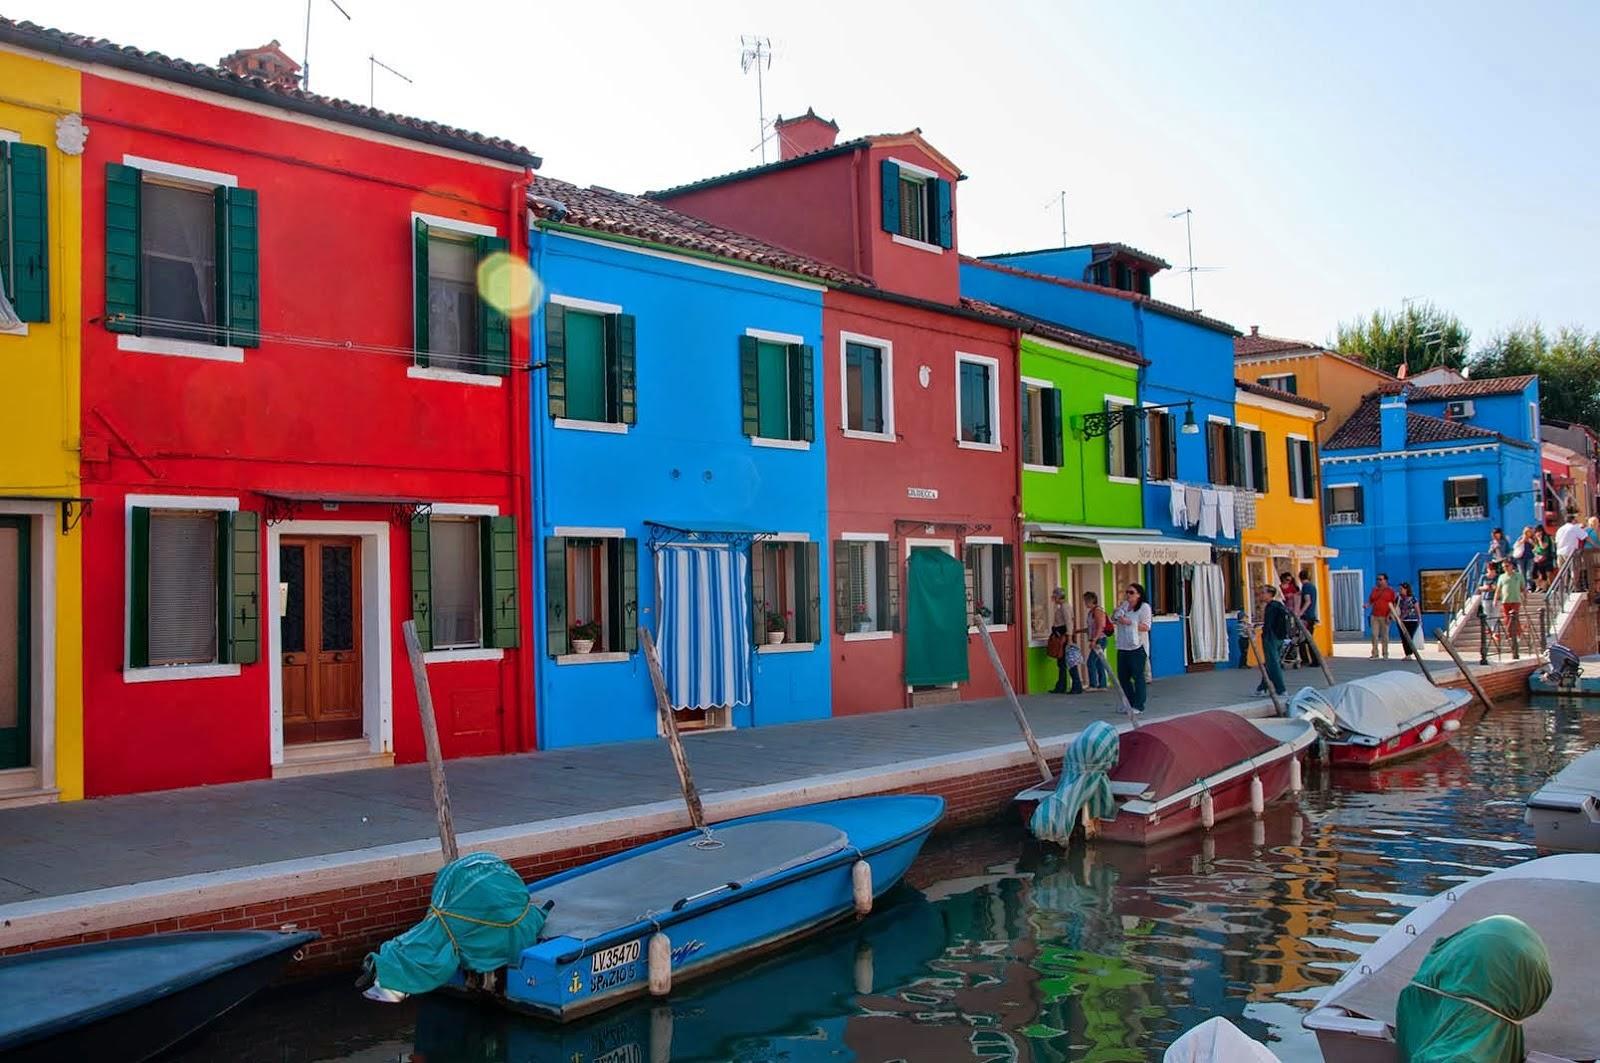 Las Mejores Fotografías del Mundo: Las casas de colores de Burano ...